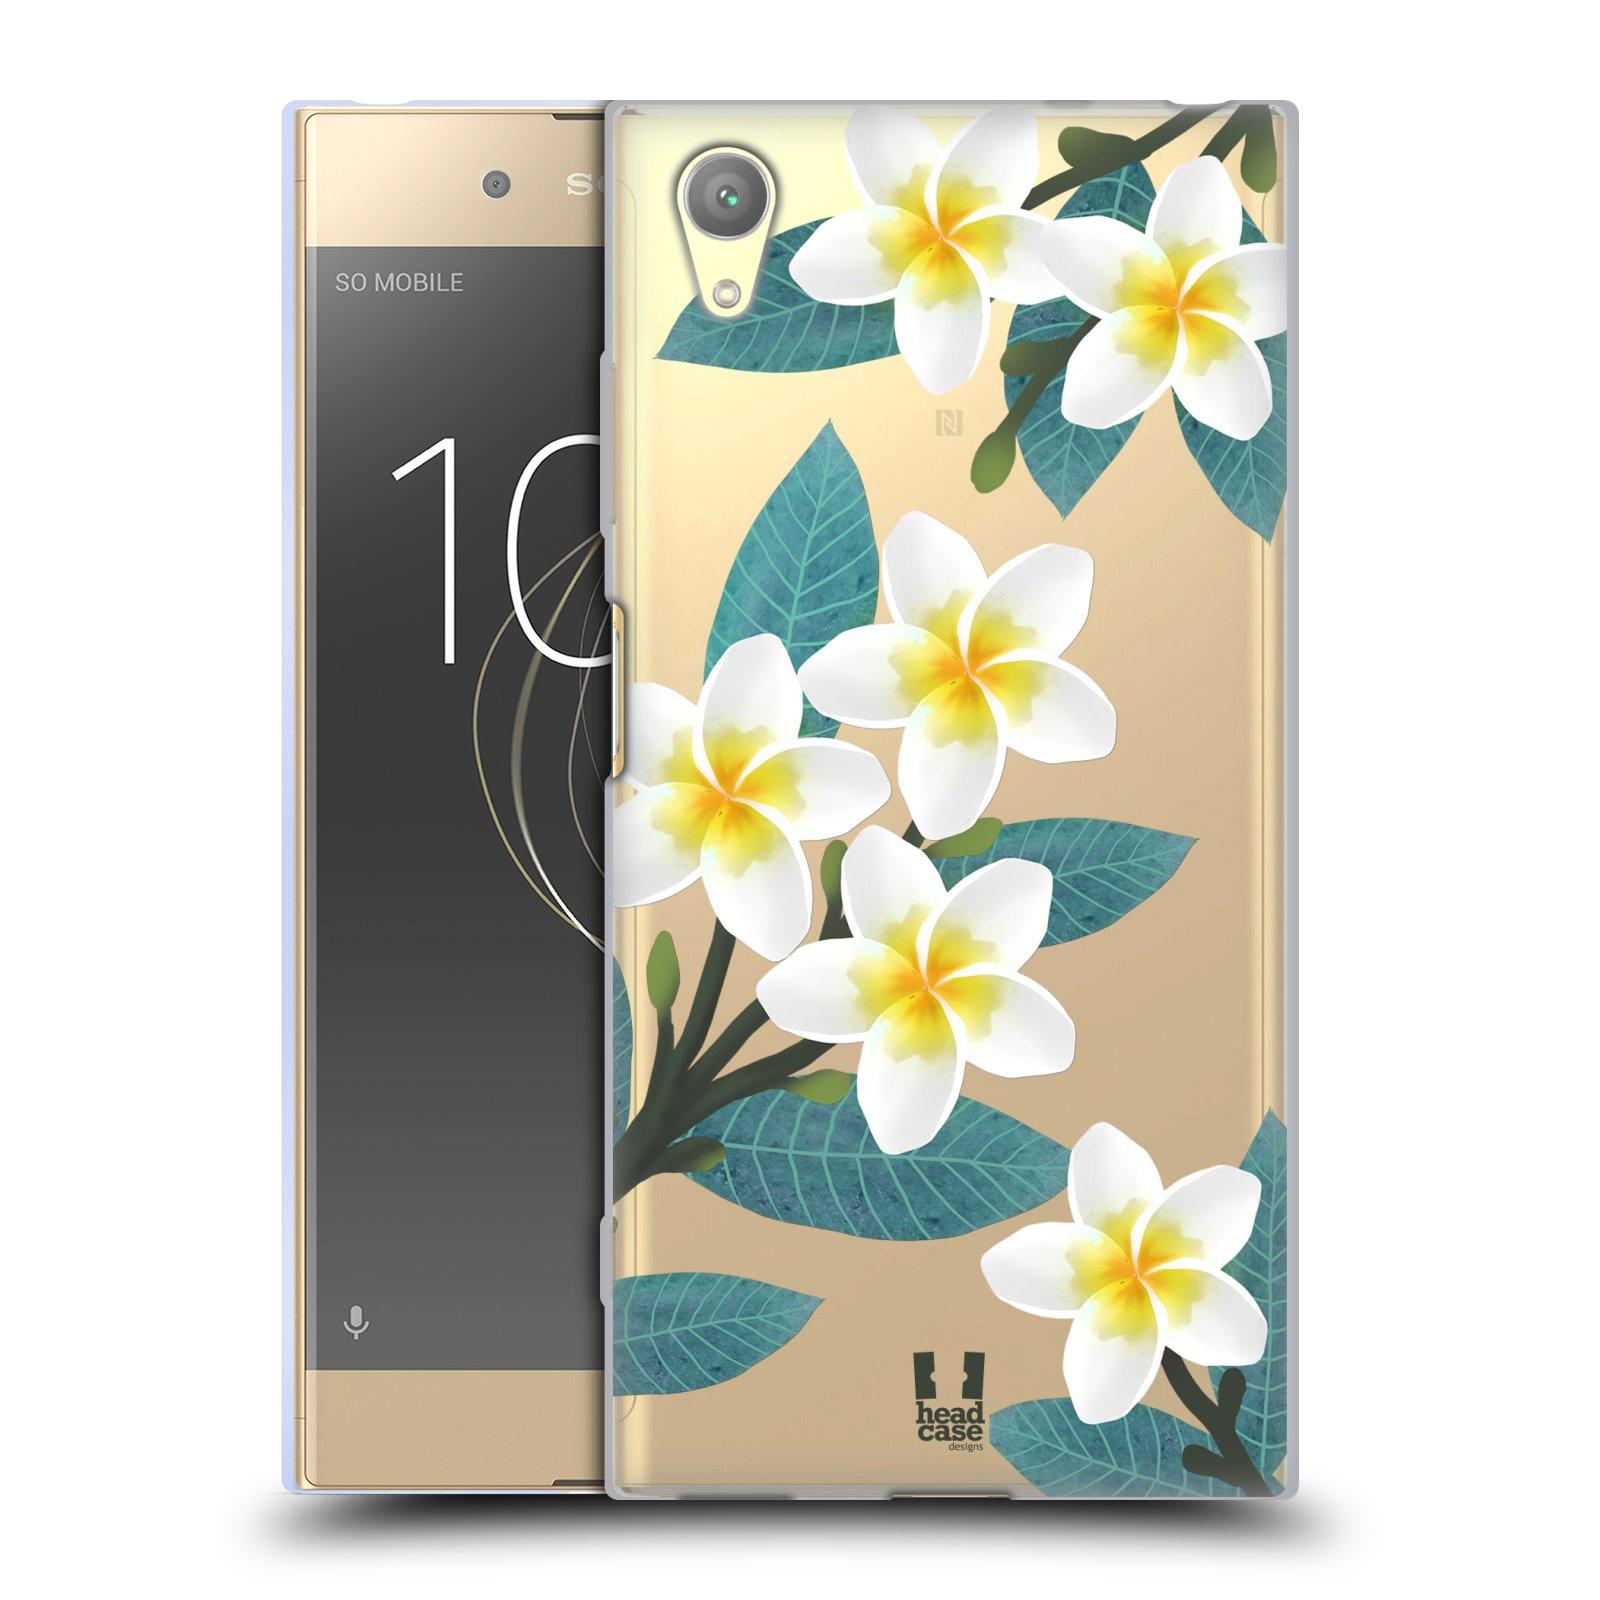 HEAD CASE silikonový obal na mobil Sony Xperia XA1 PLUS květinové vzory Plumérie